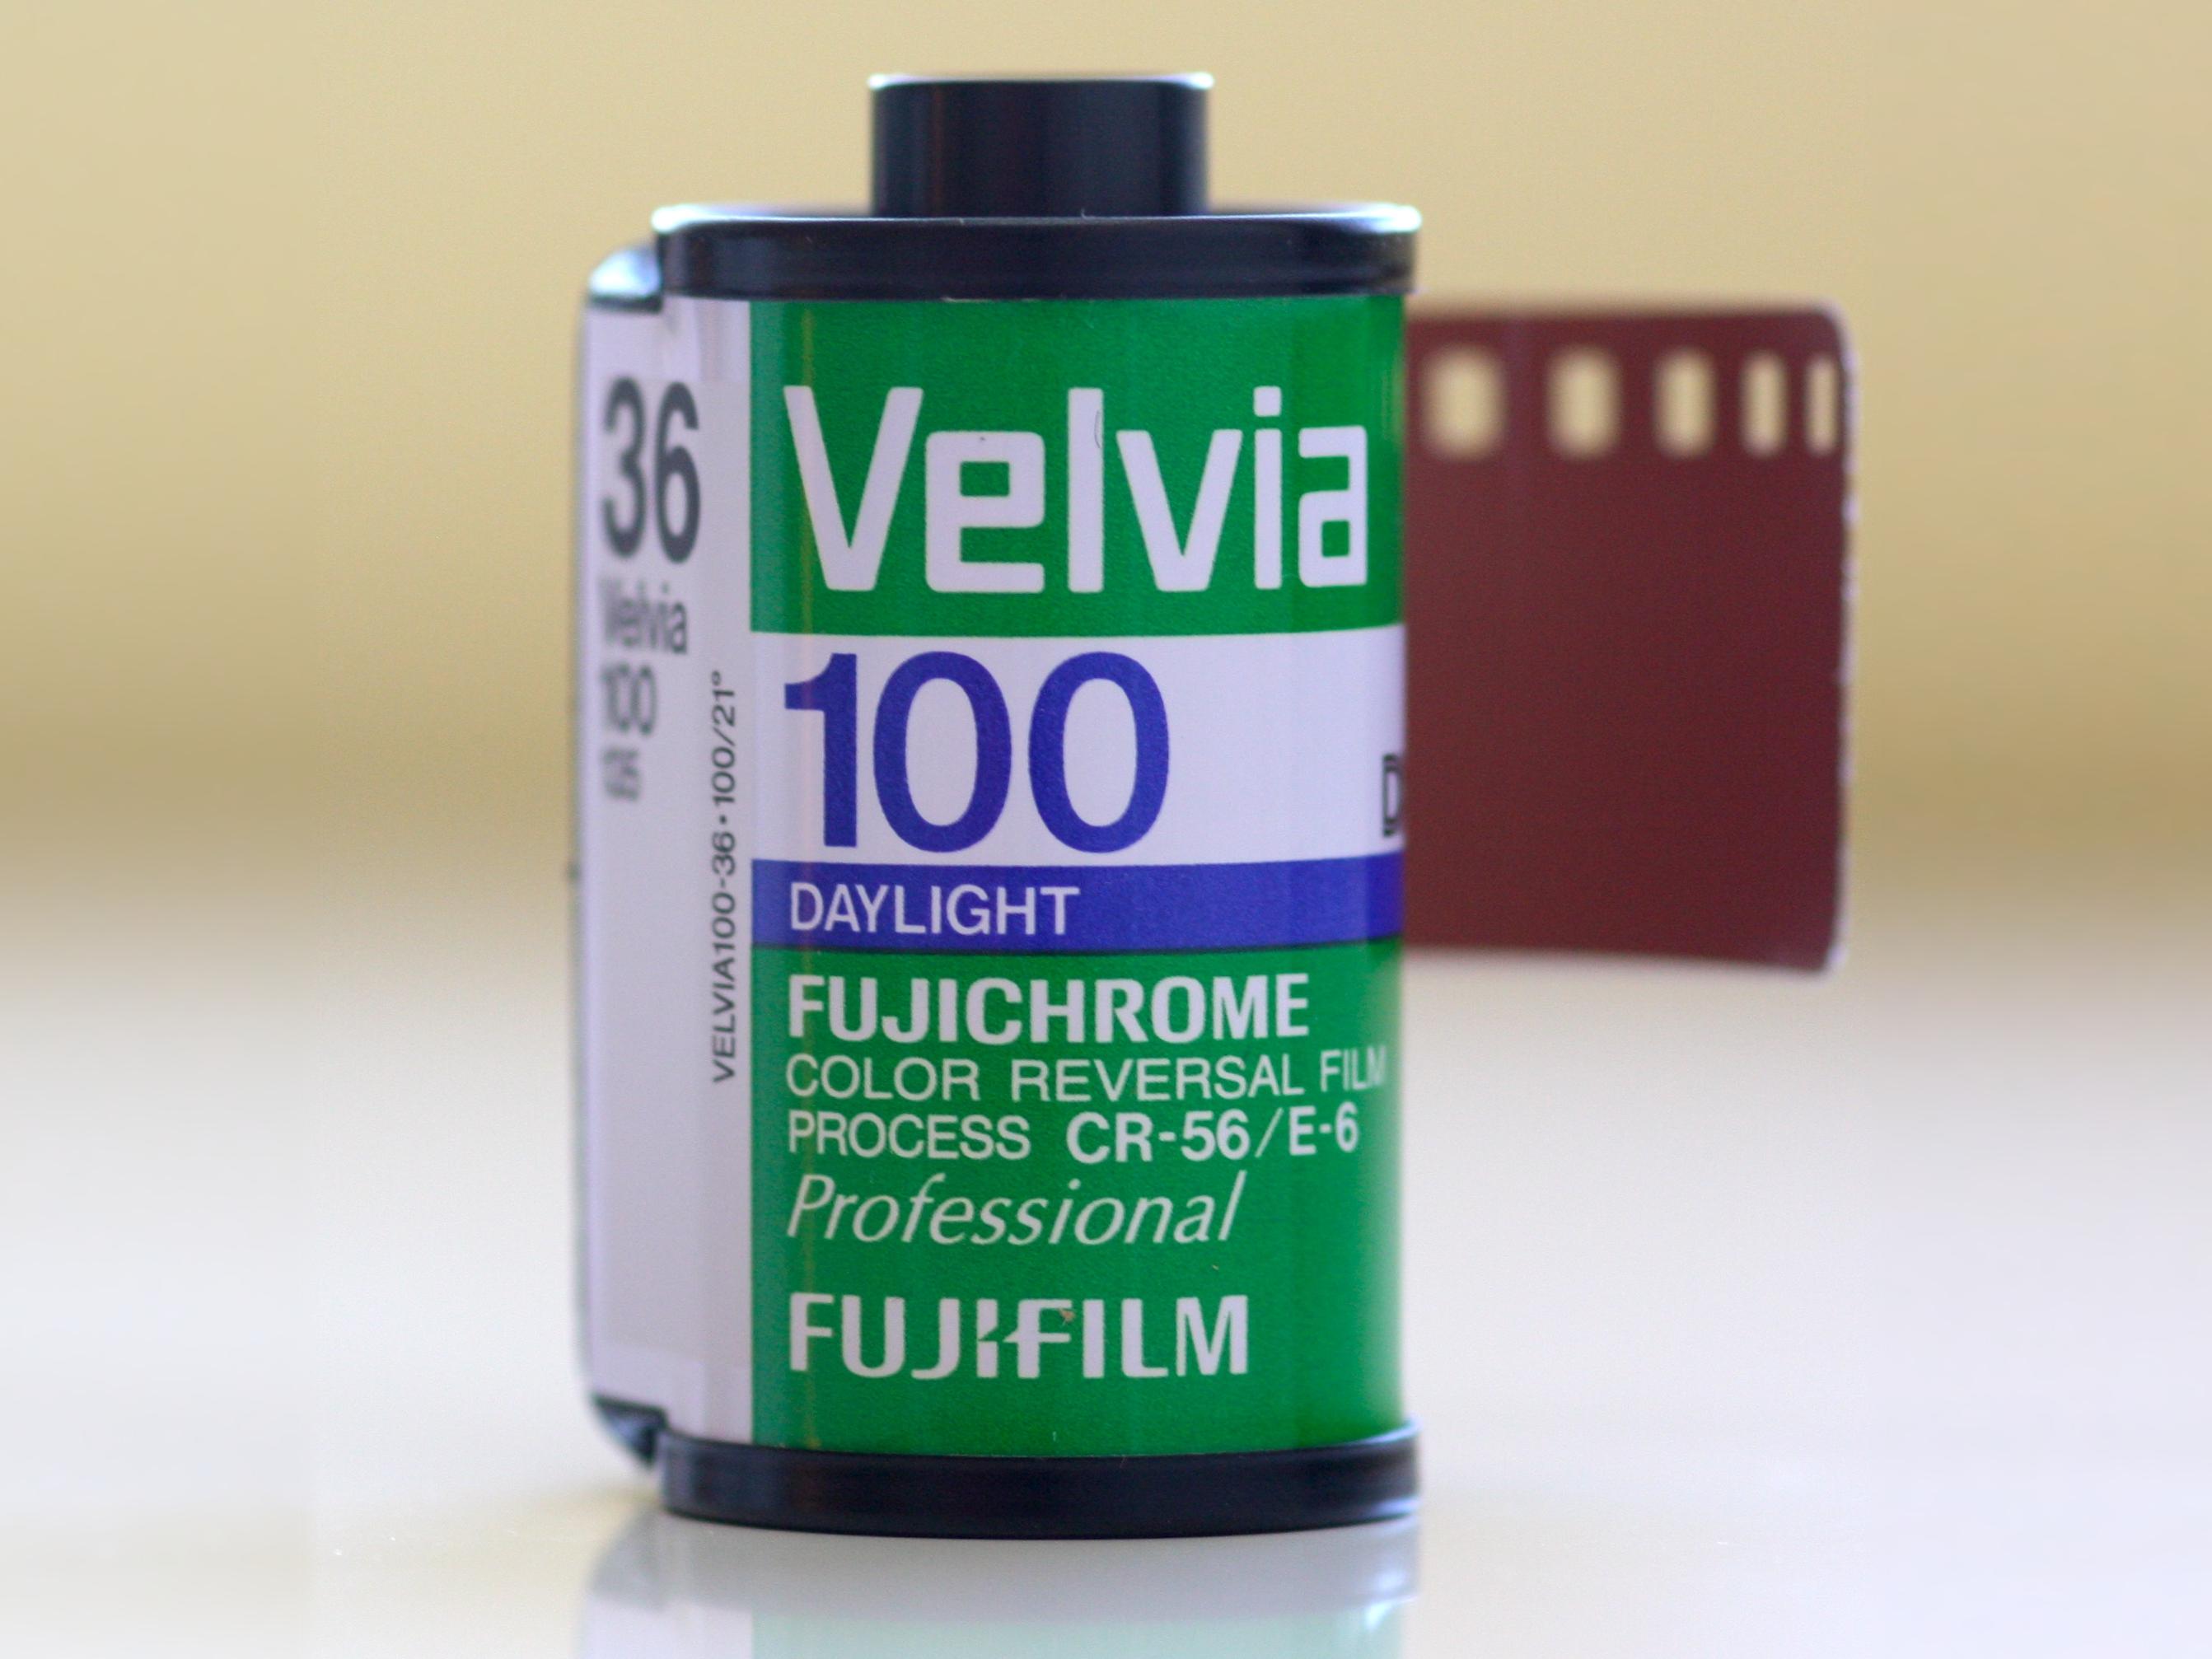 Fuji film Velvia.jpg